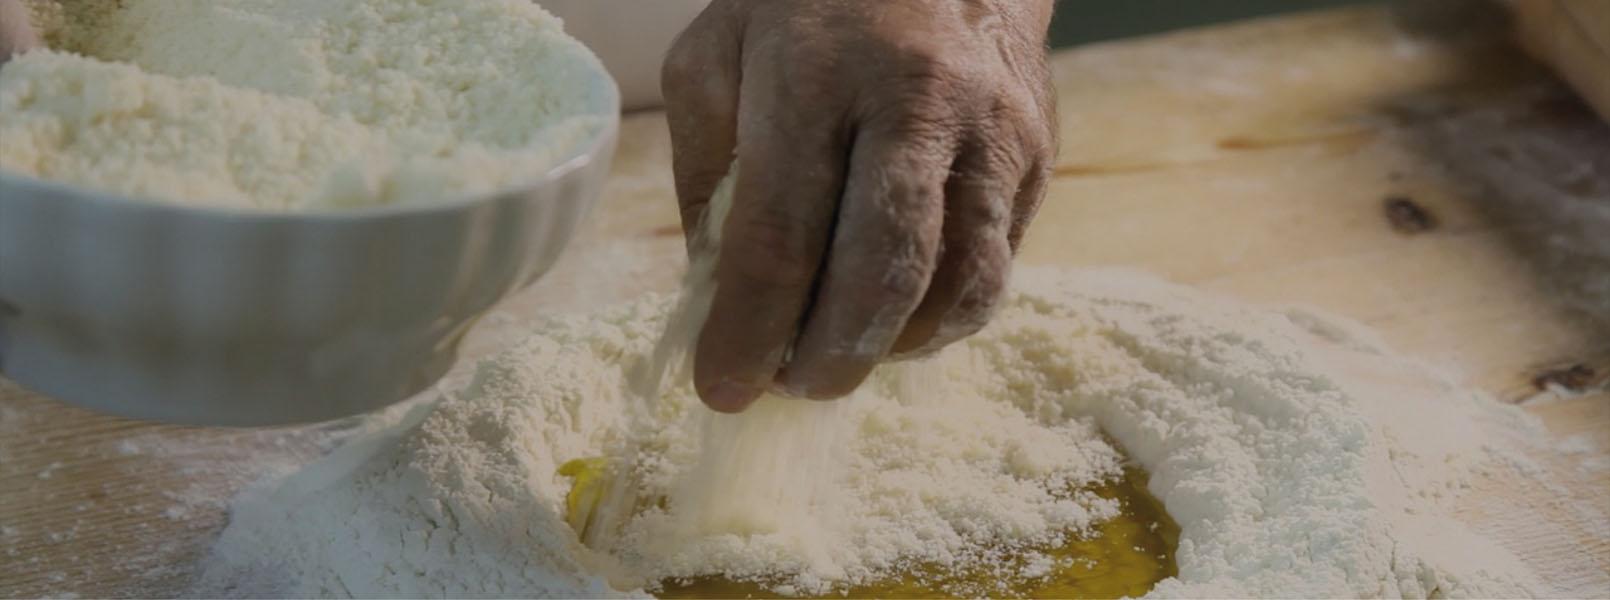 preparazione artigianale delle parmonìe